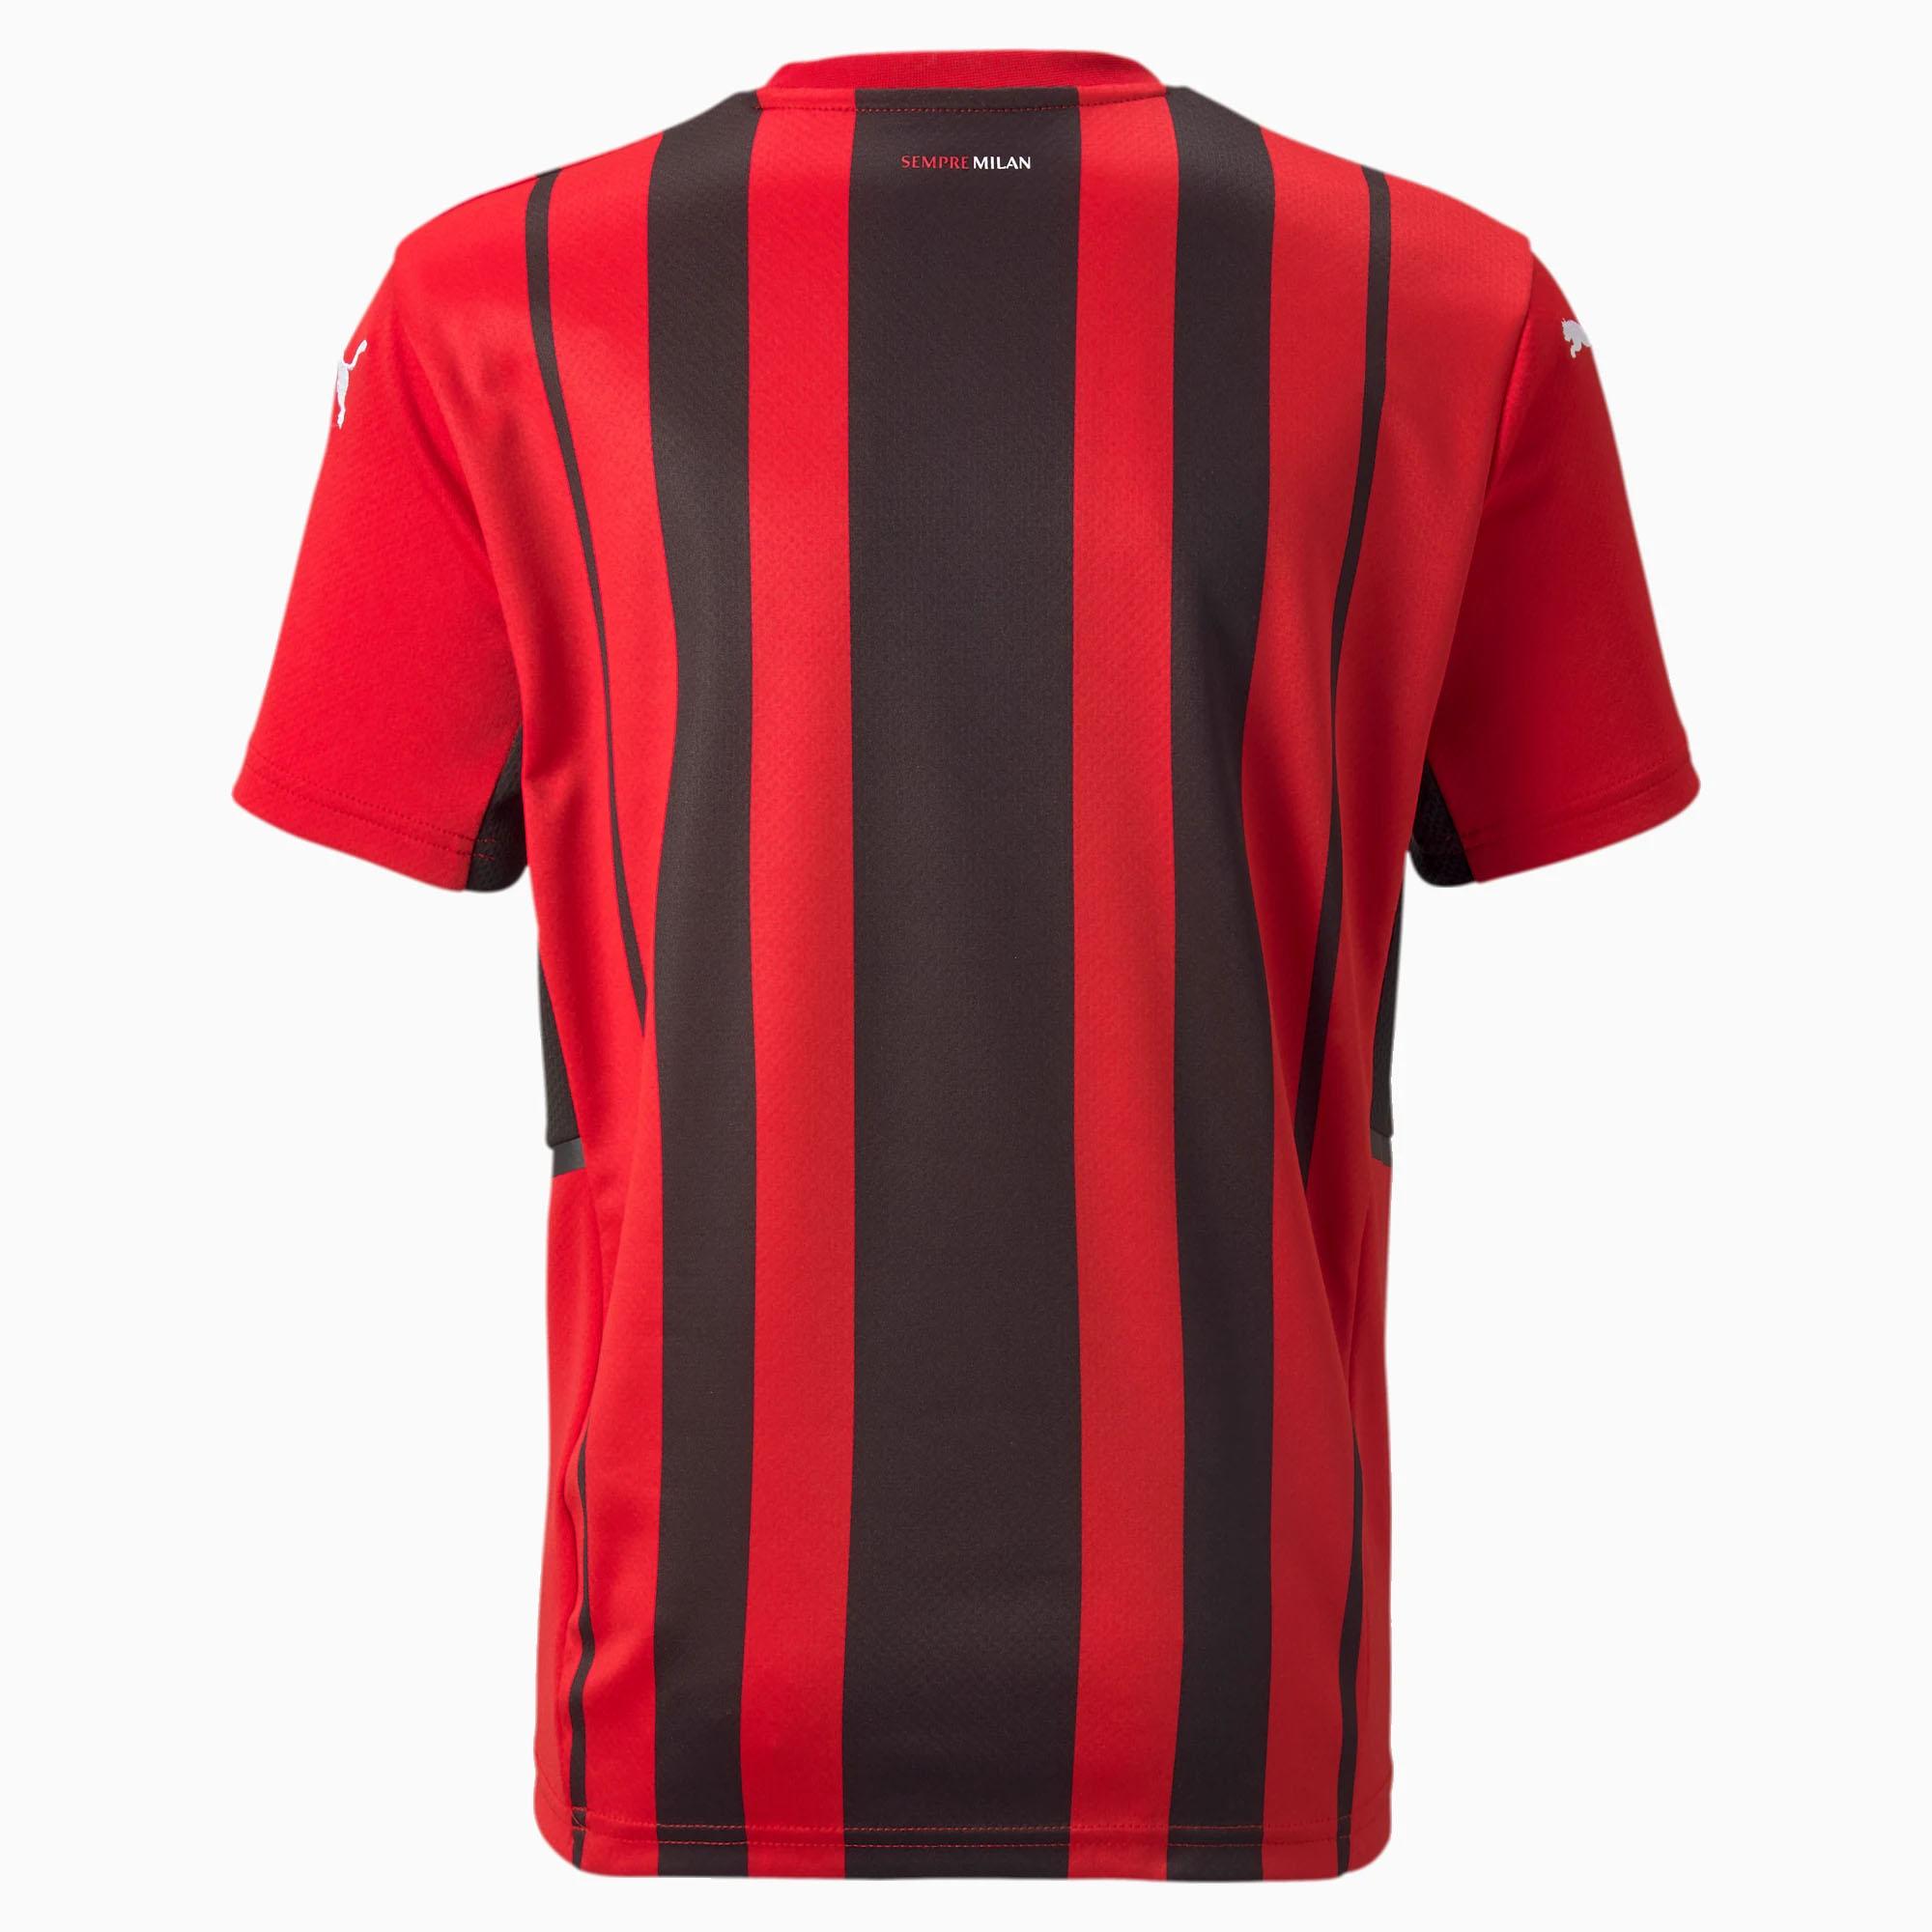 Maglia da bambino/ragazzo AC Milan Home 2021/22 Puma PUMA   270000021   759123001